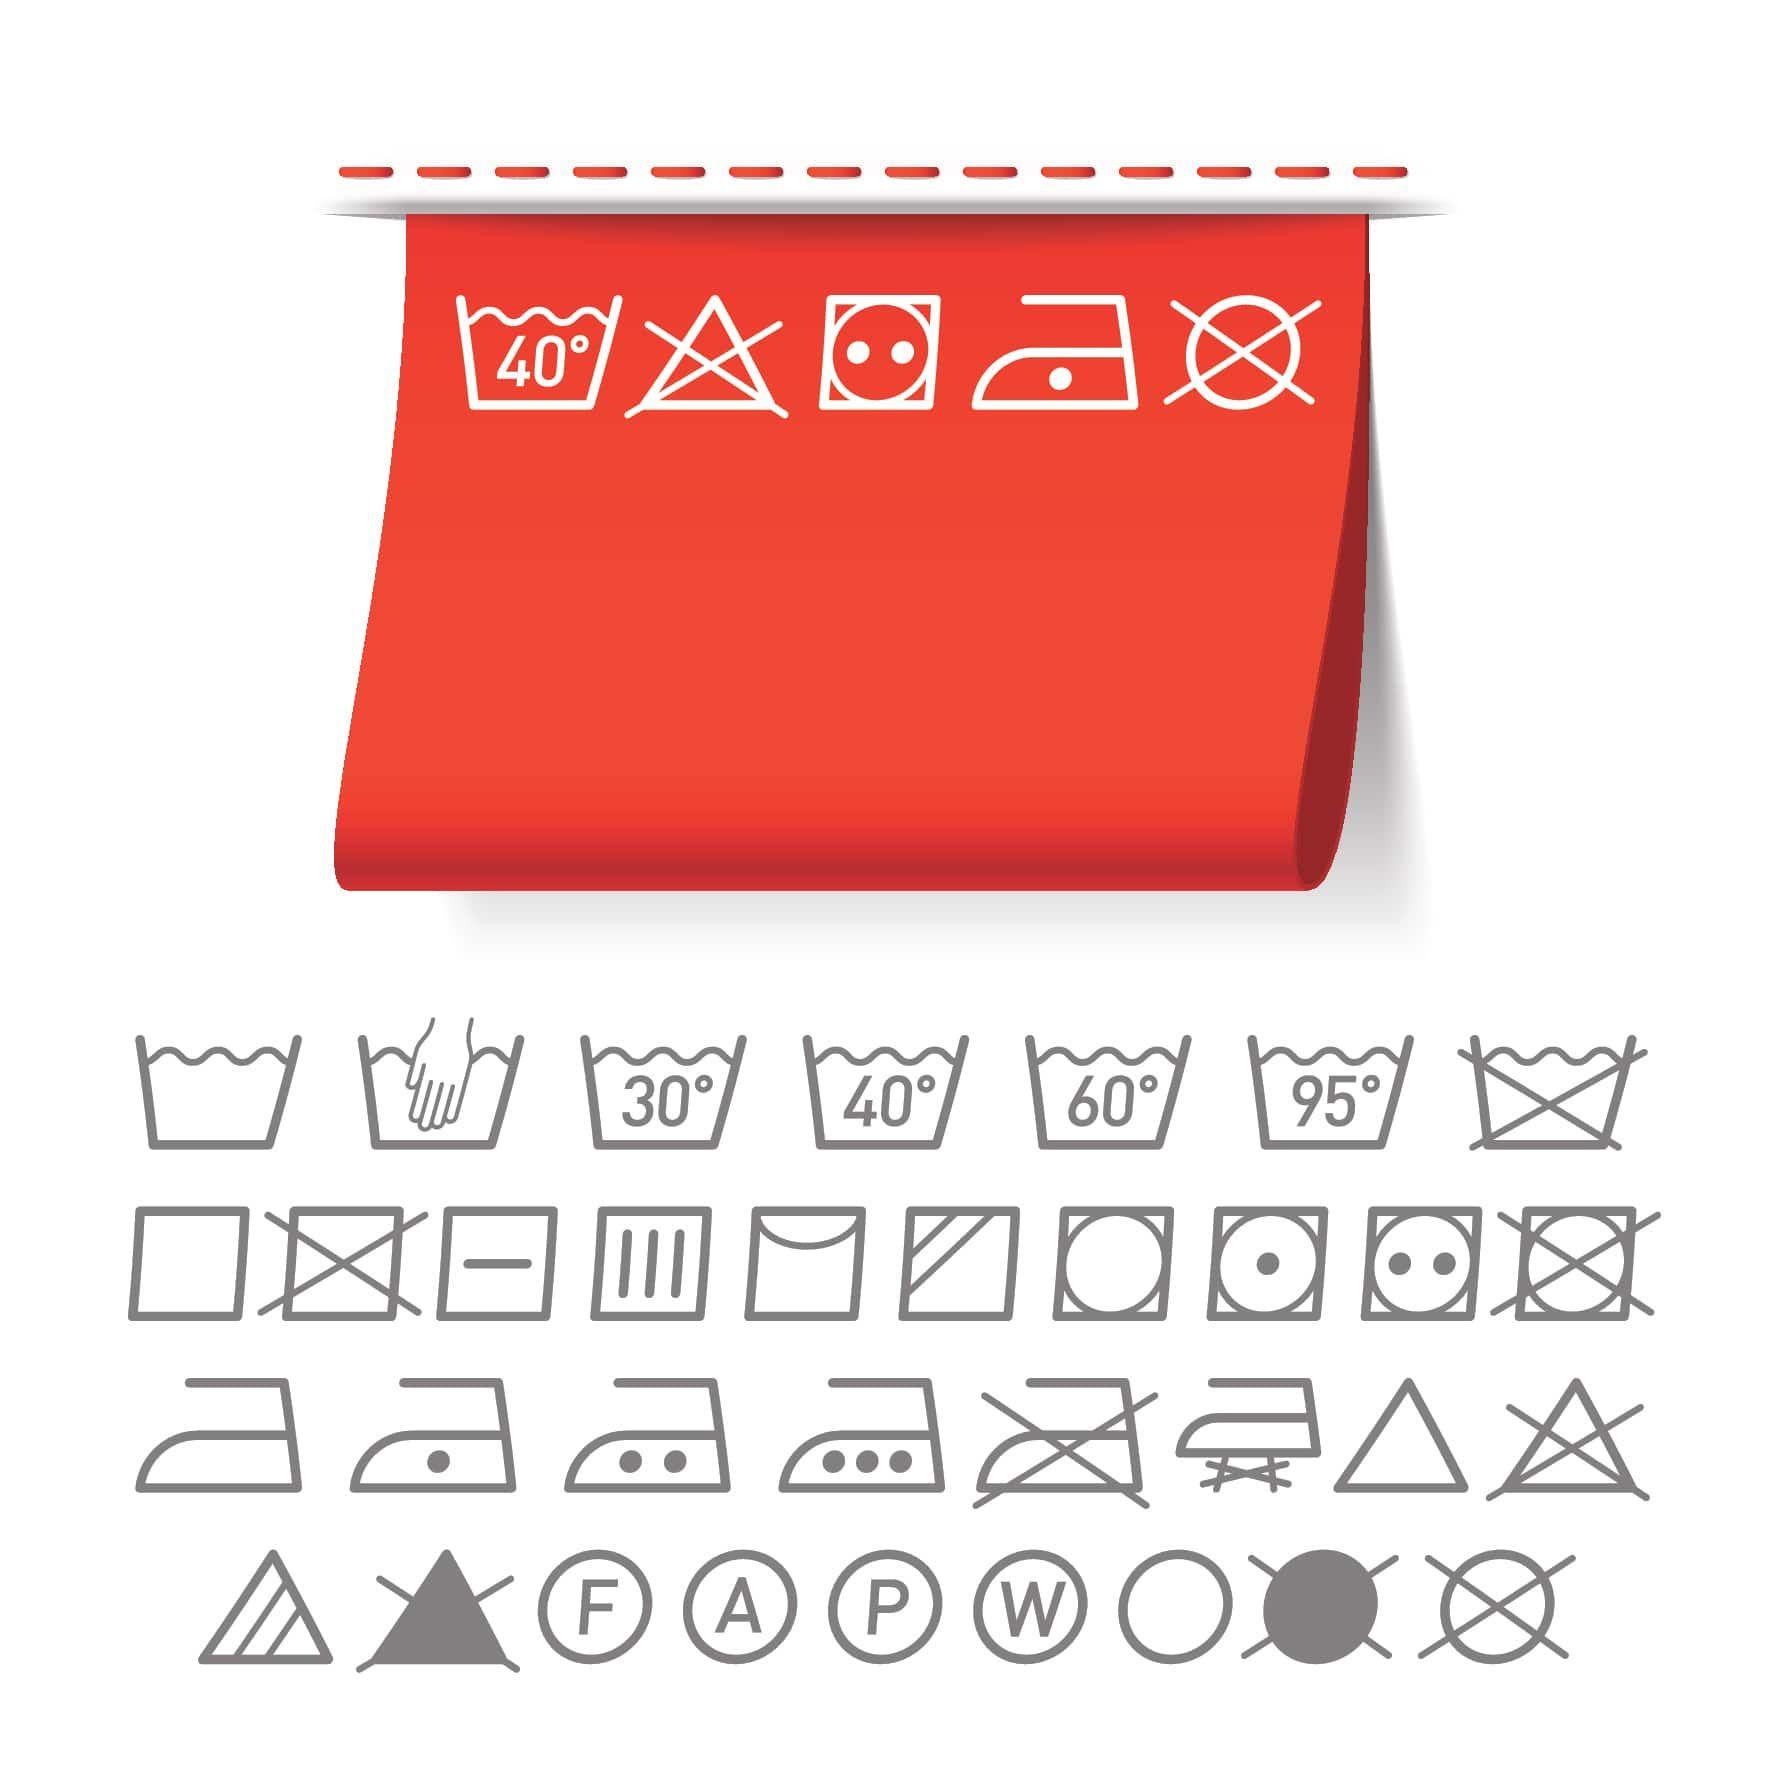 Washing Symbols, Fabric Care Symbols, Laundry Symbols